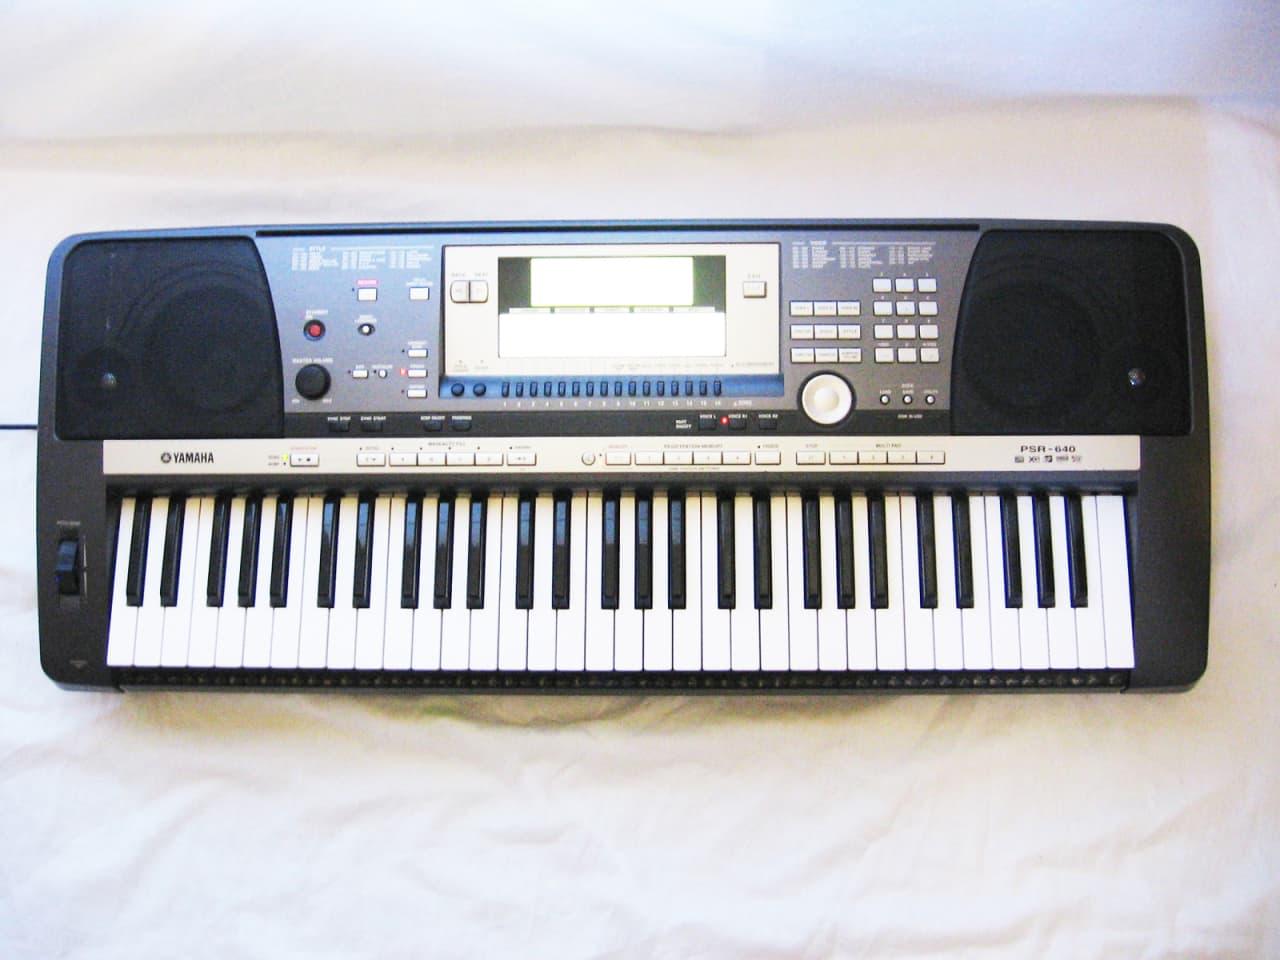 Yamaha psr 640 synthesizer keyboard arranger workstation for Yamaha synthesizer keyboard